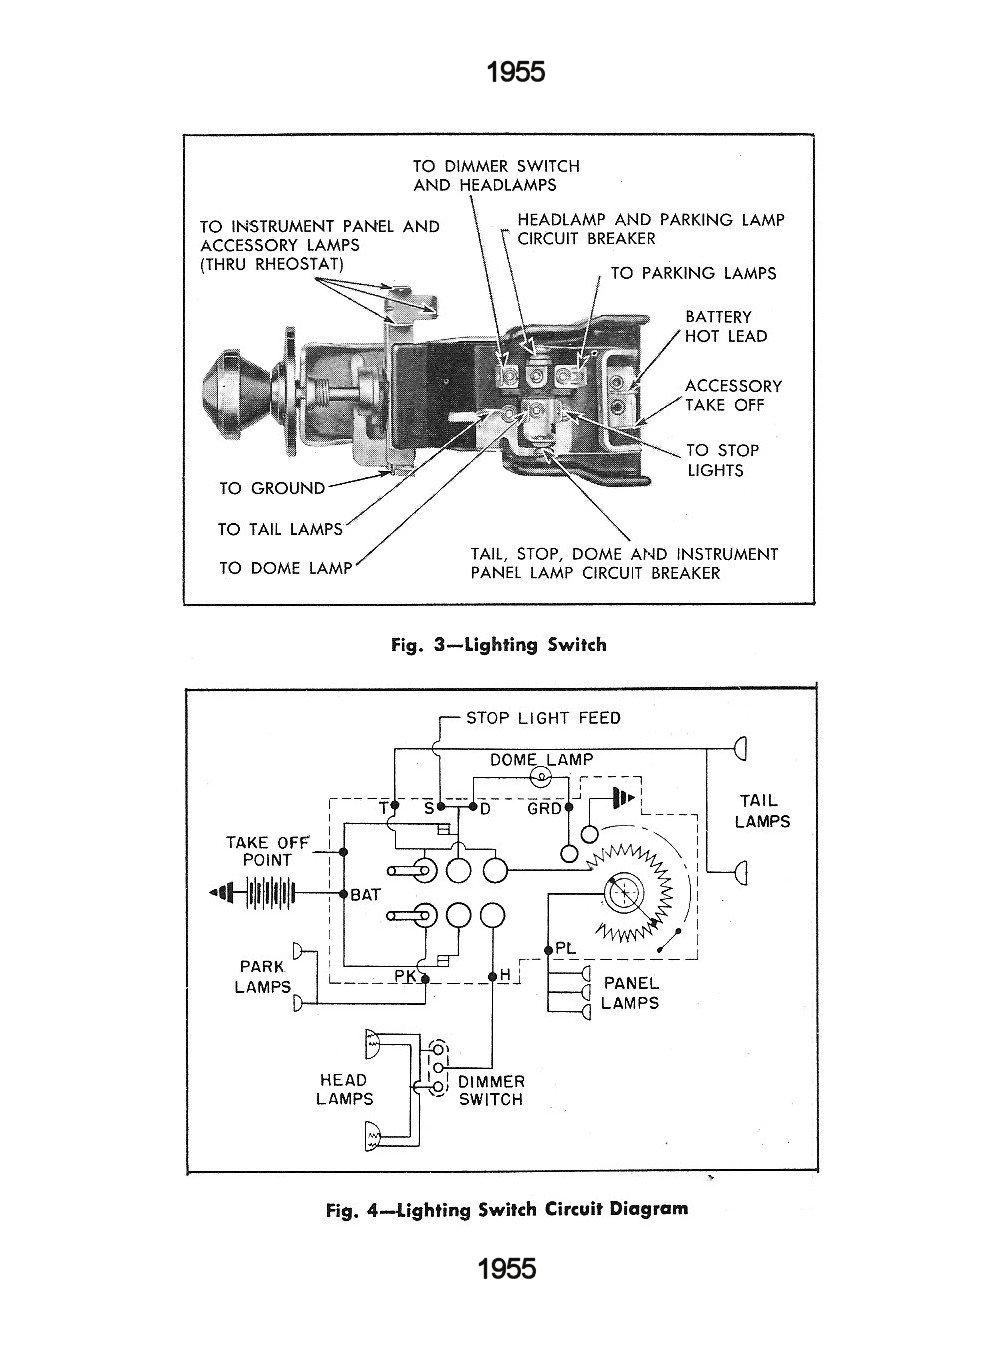 1954 chevy ignition diagram wiring schematic